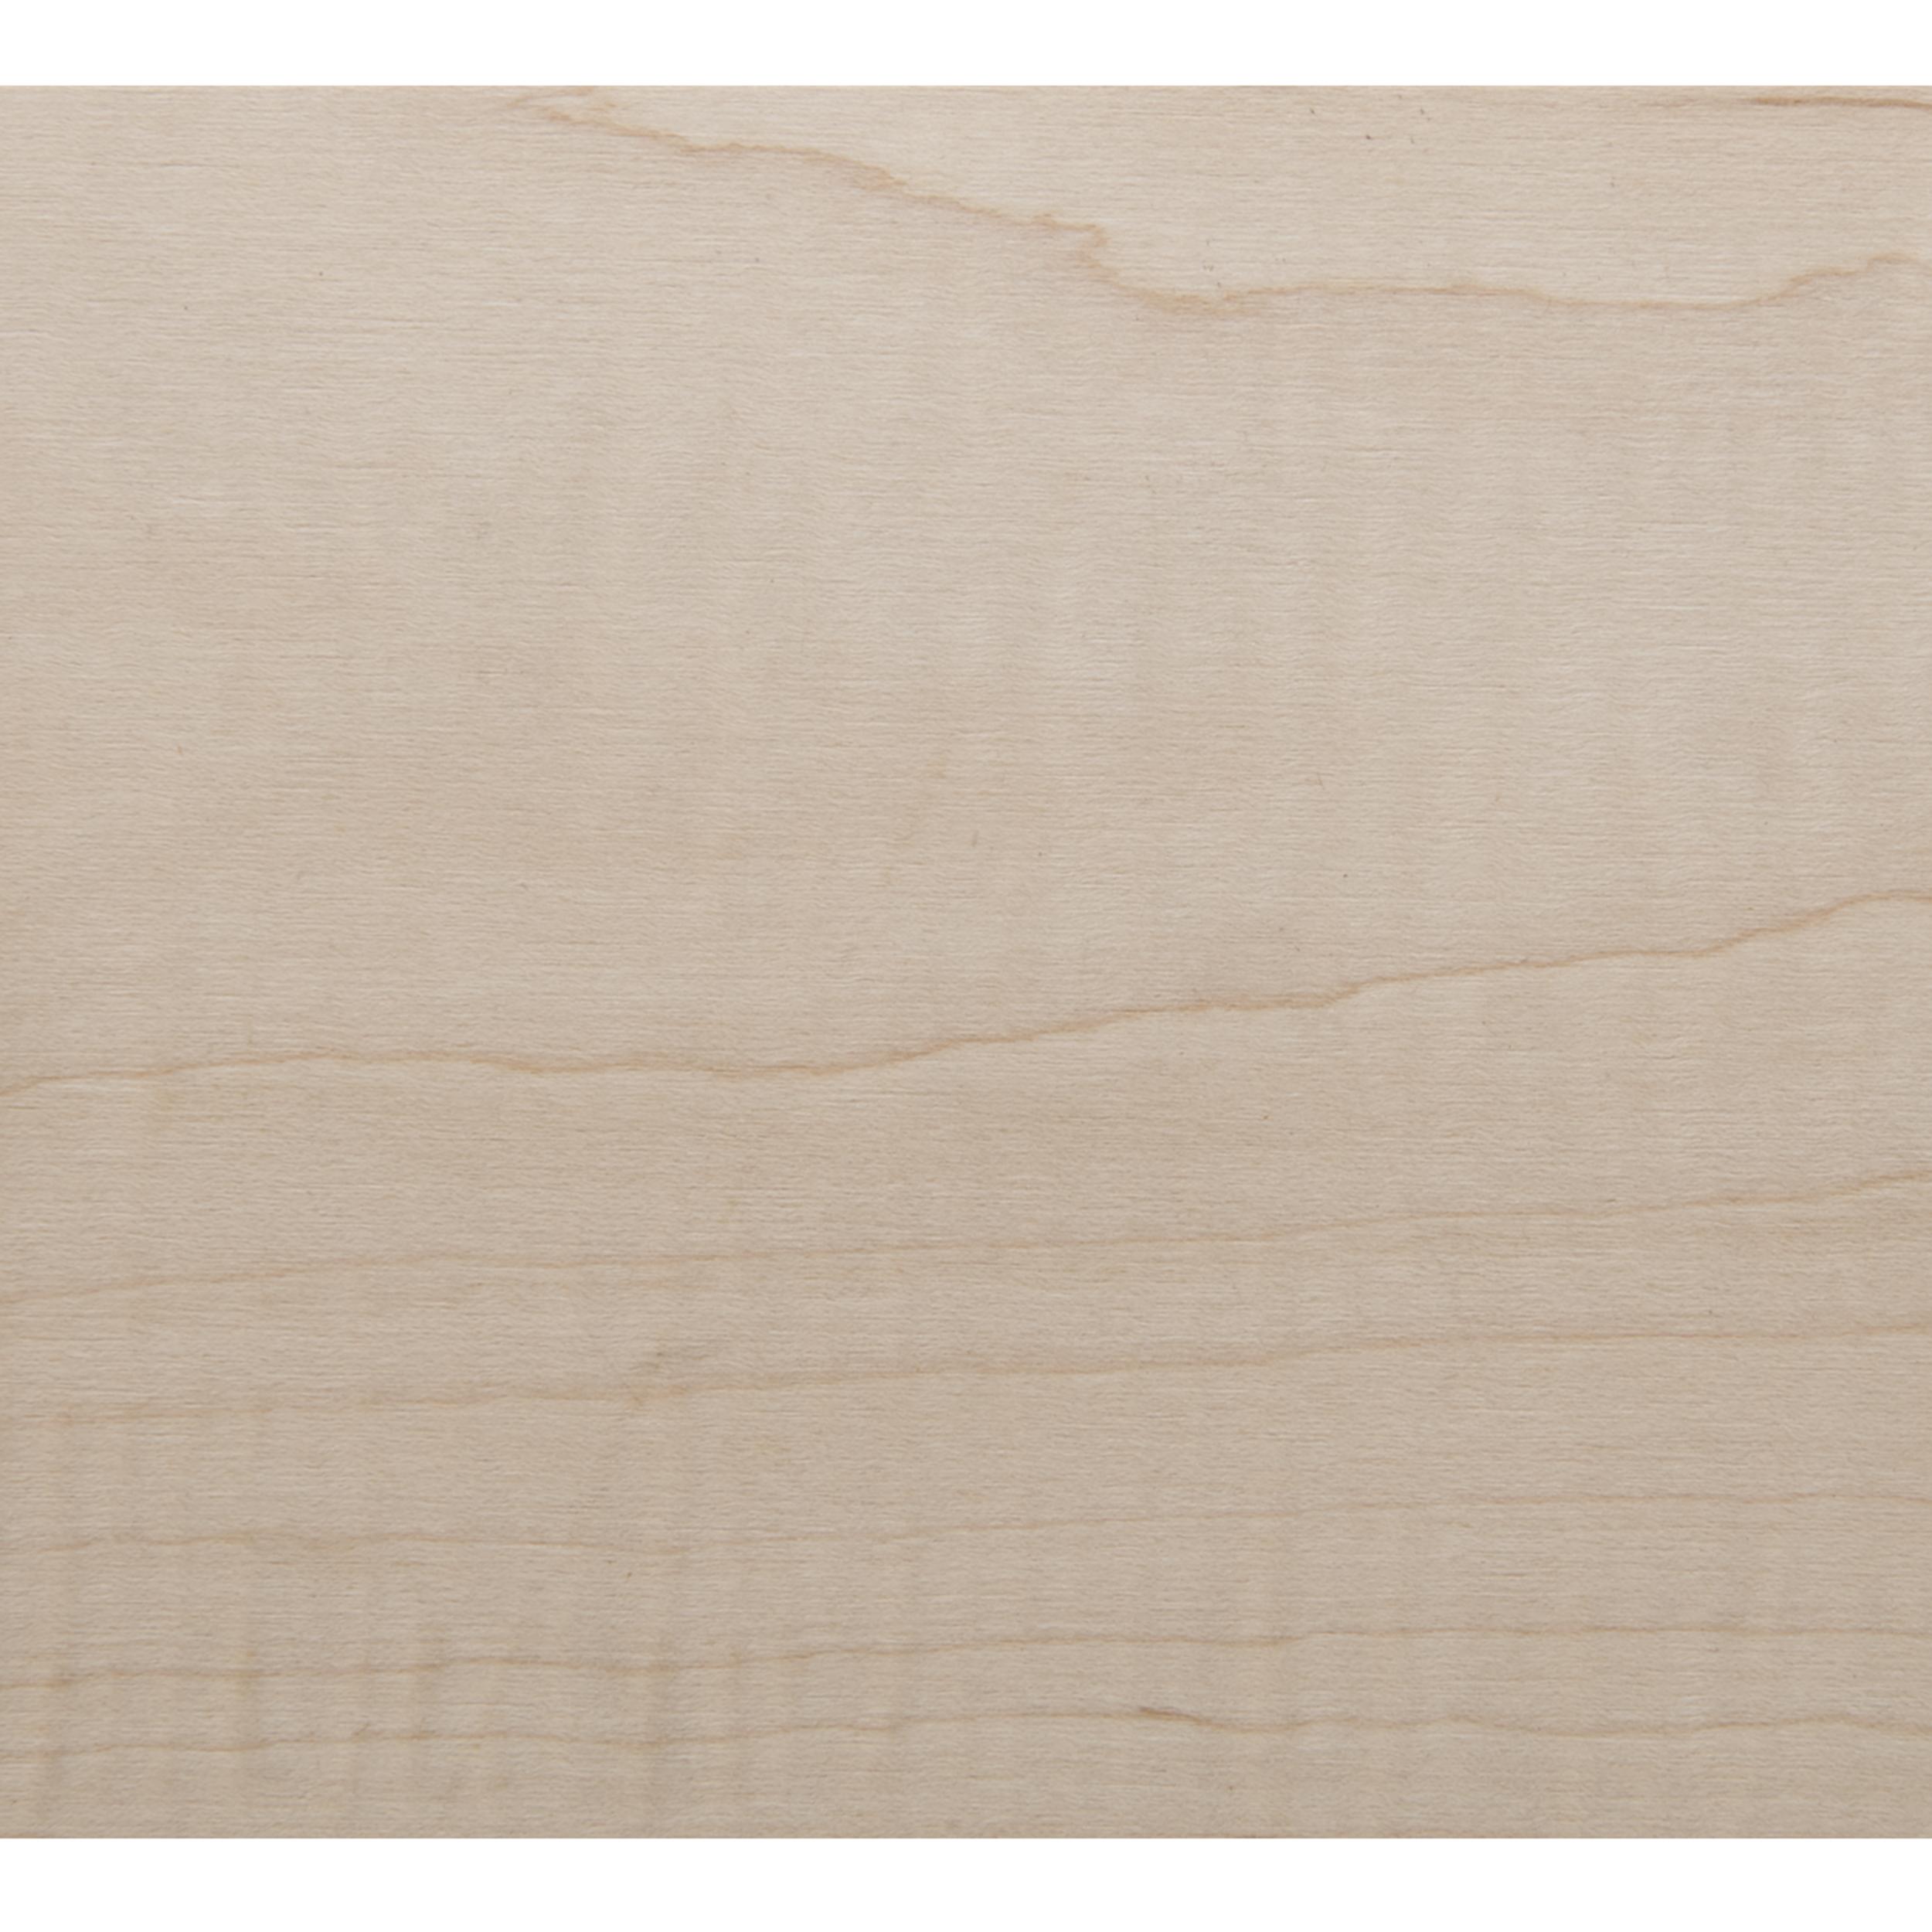 Figured Maple Veneer Sheet Plain Sliced 4' x 8' 2-Ply Wood on Wood